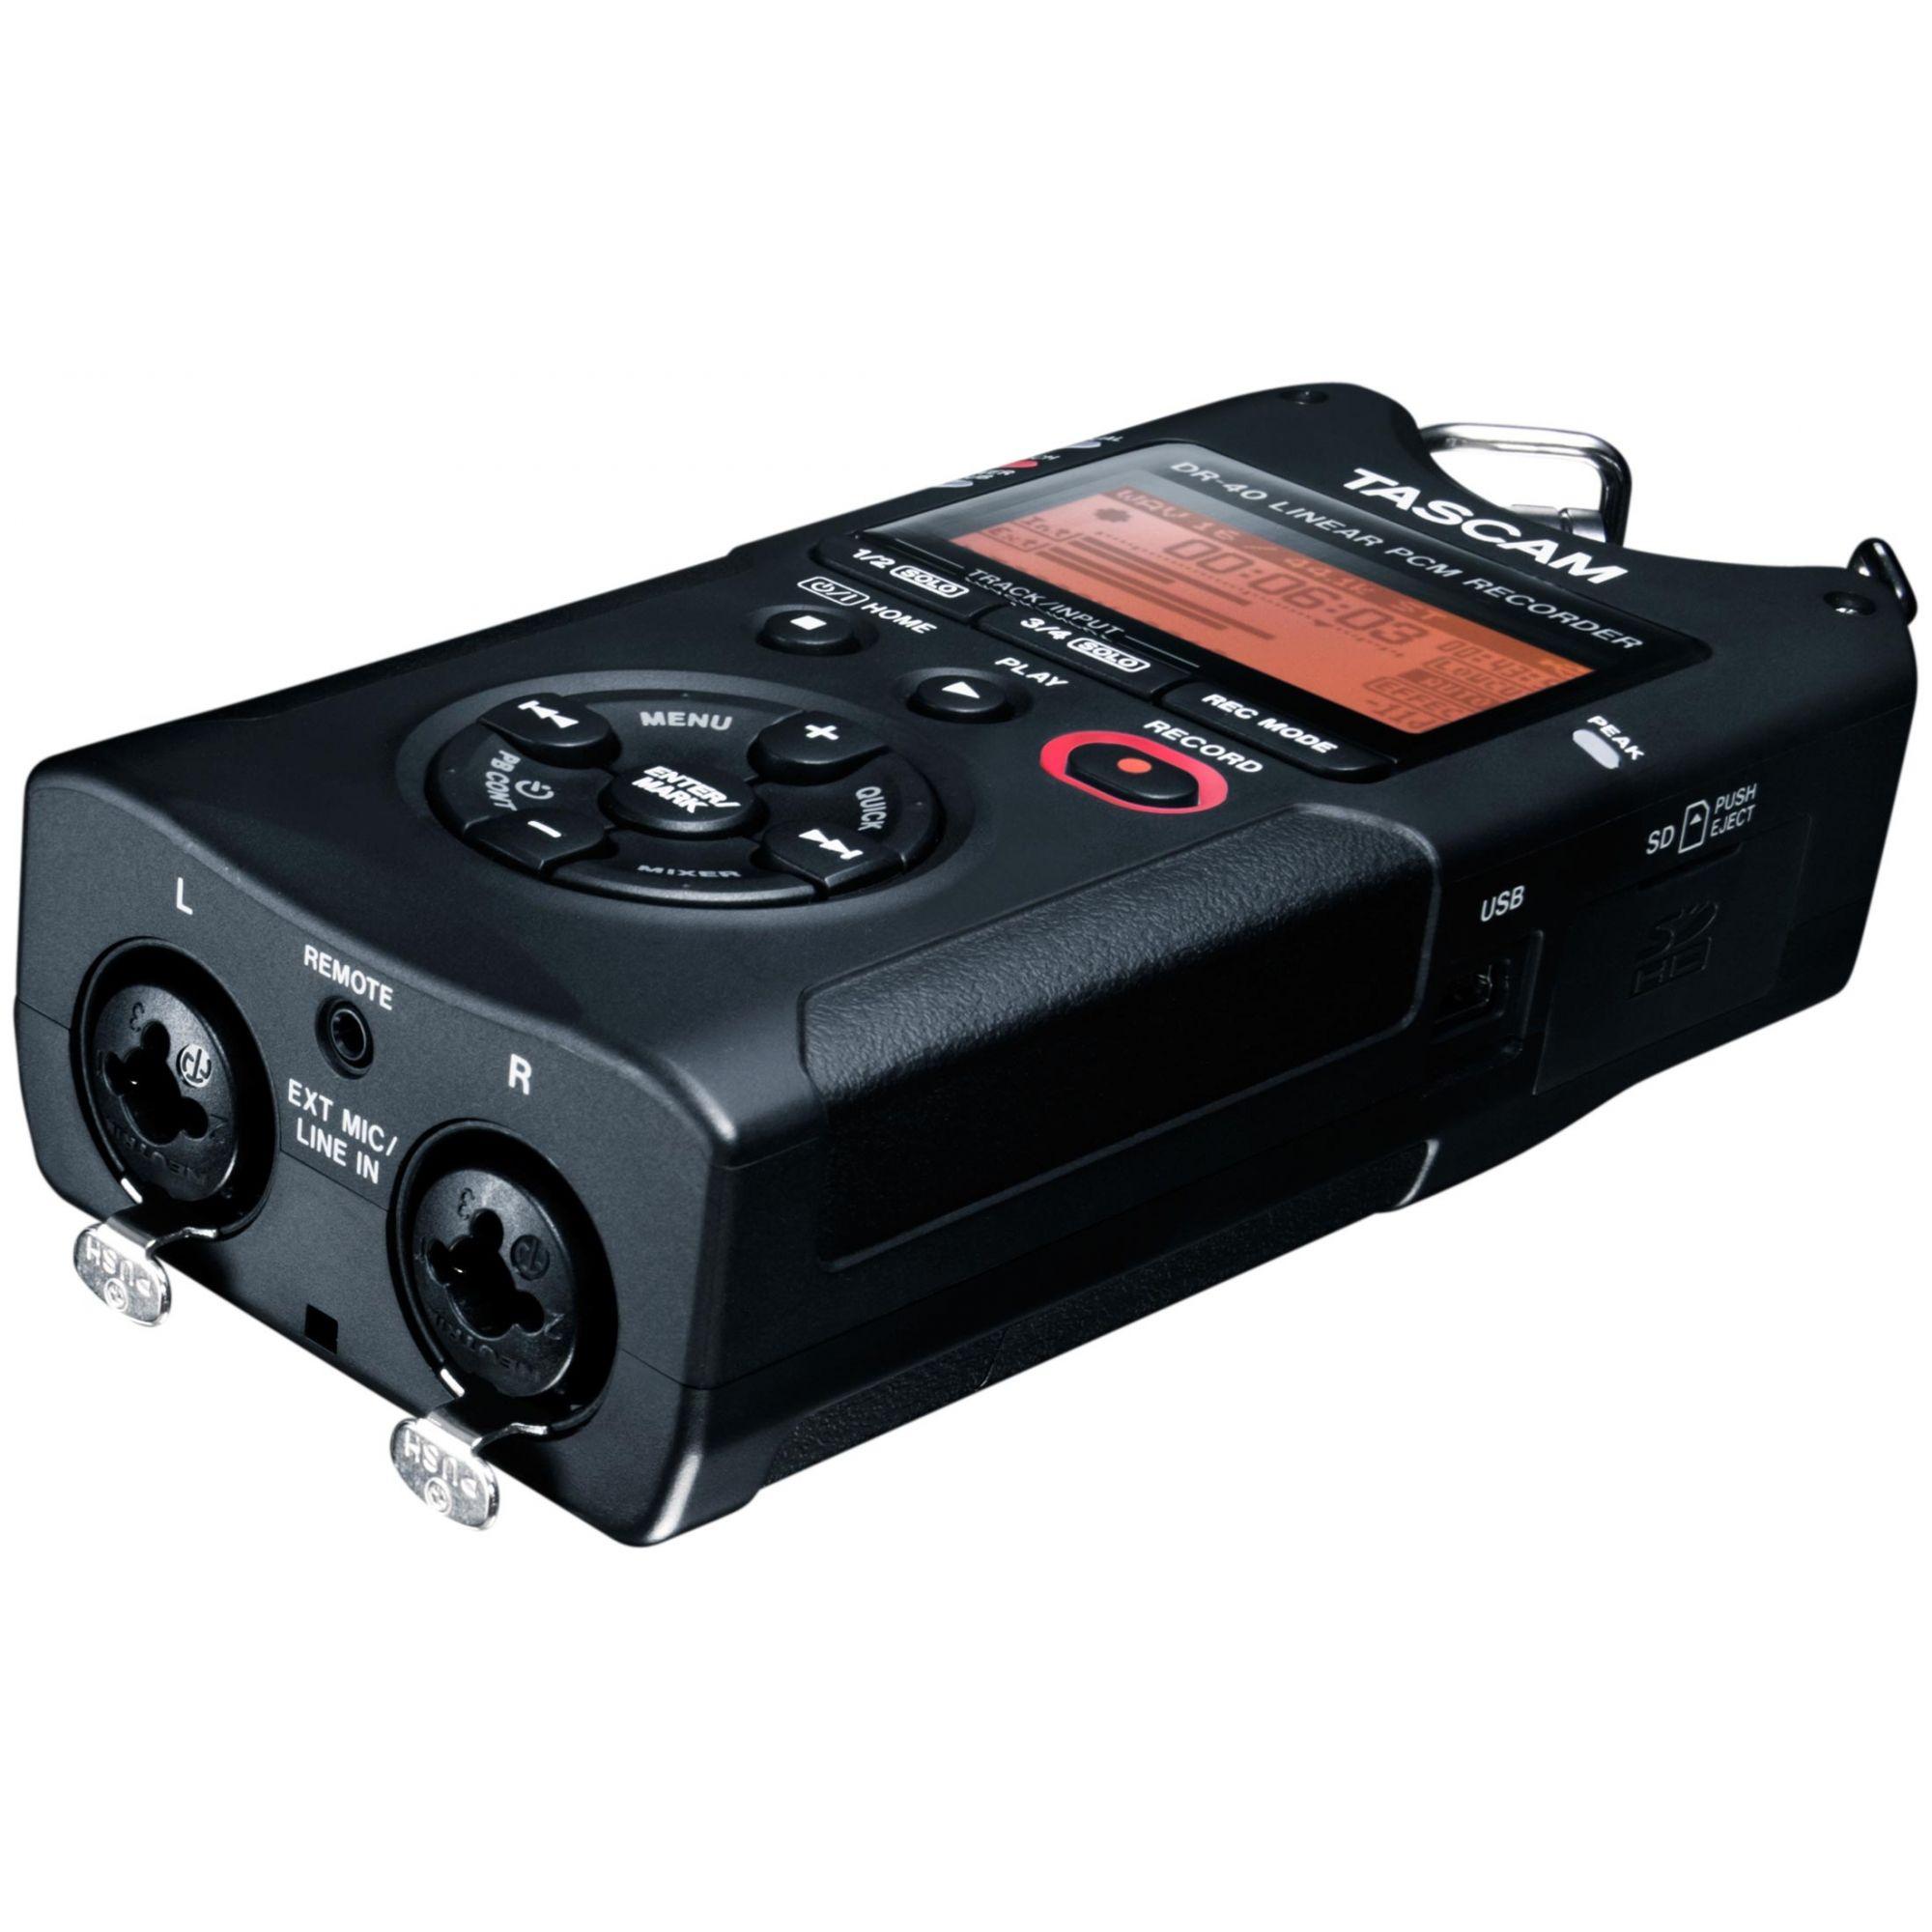 Gravador Tascam Dr-40 Versão 2 - 4 Gb